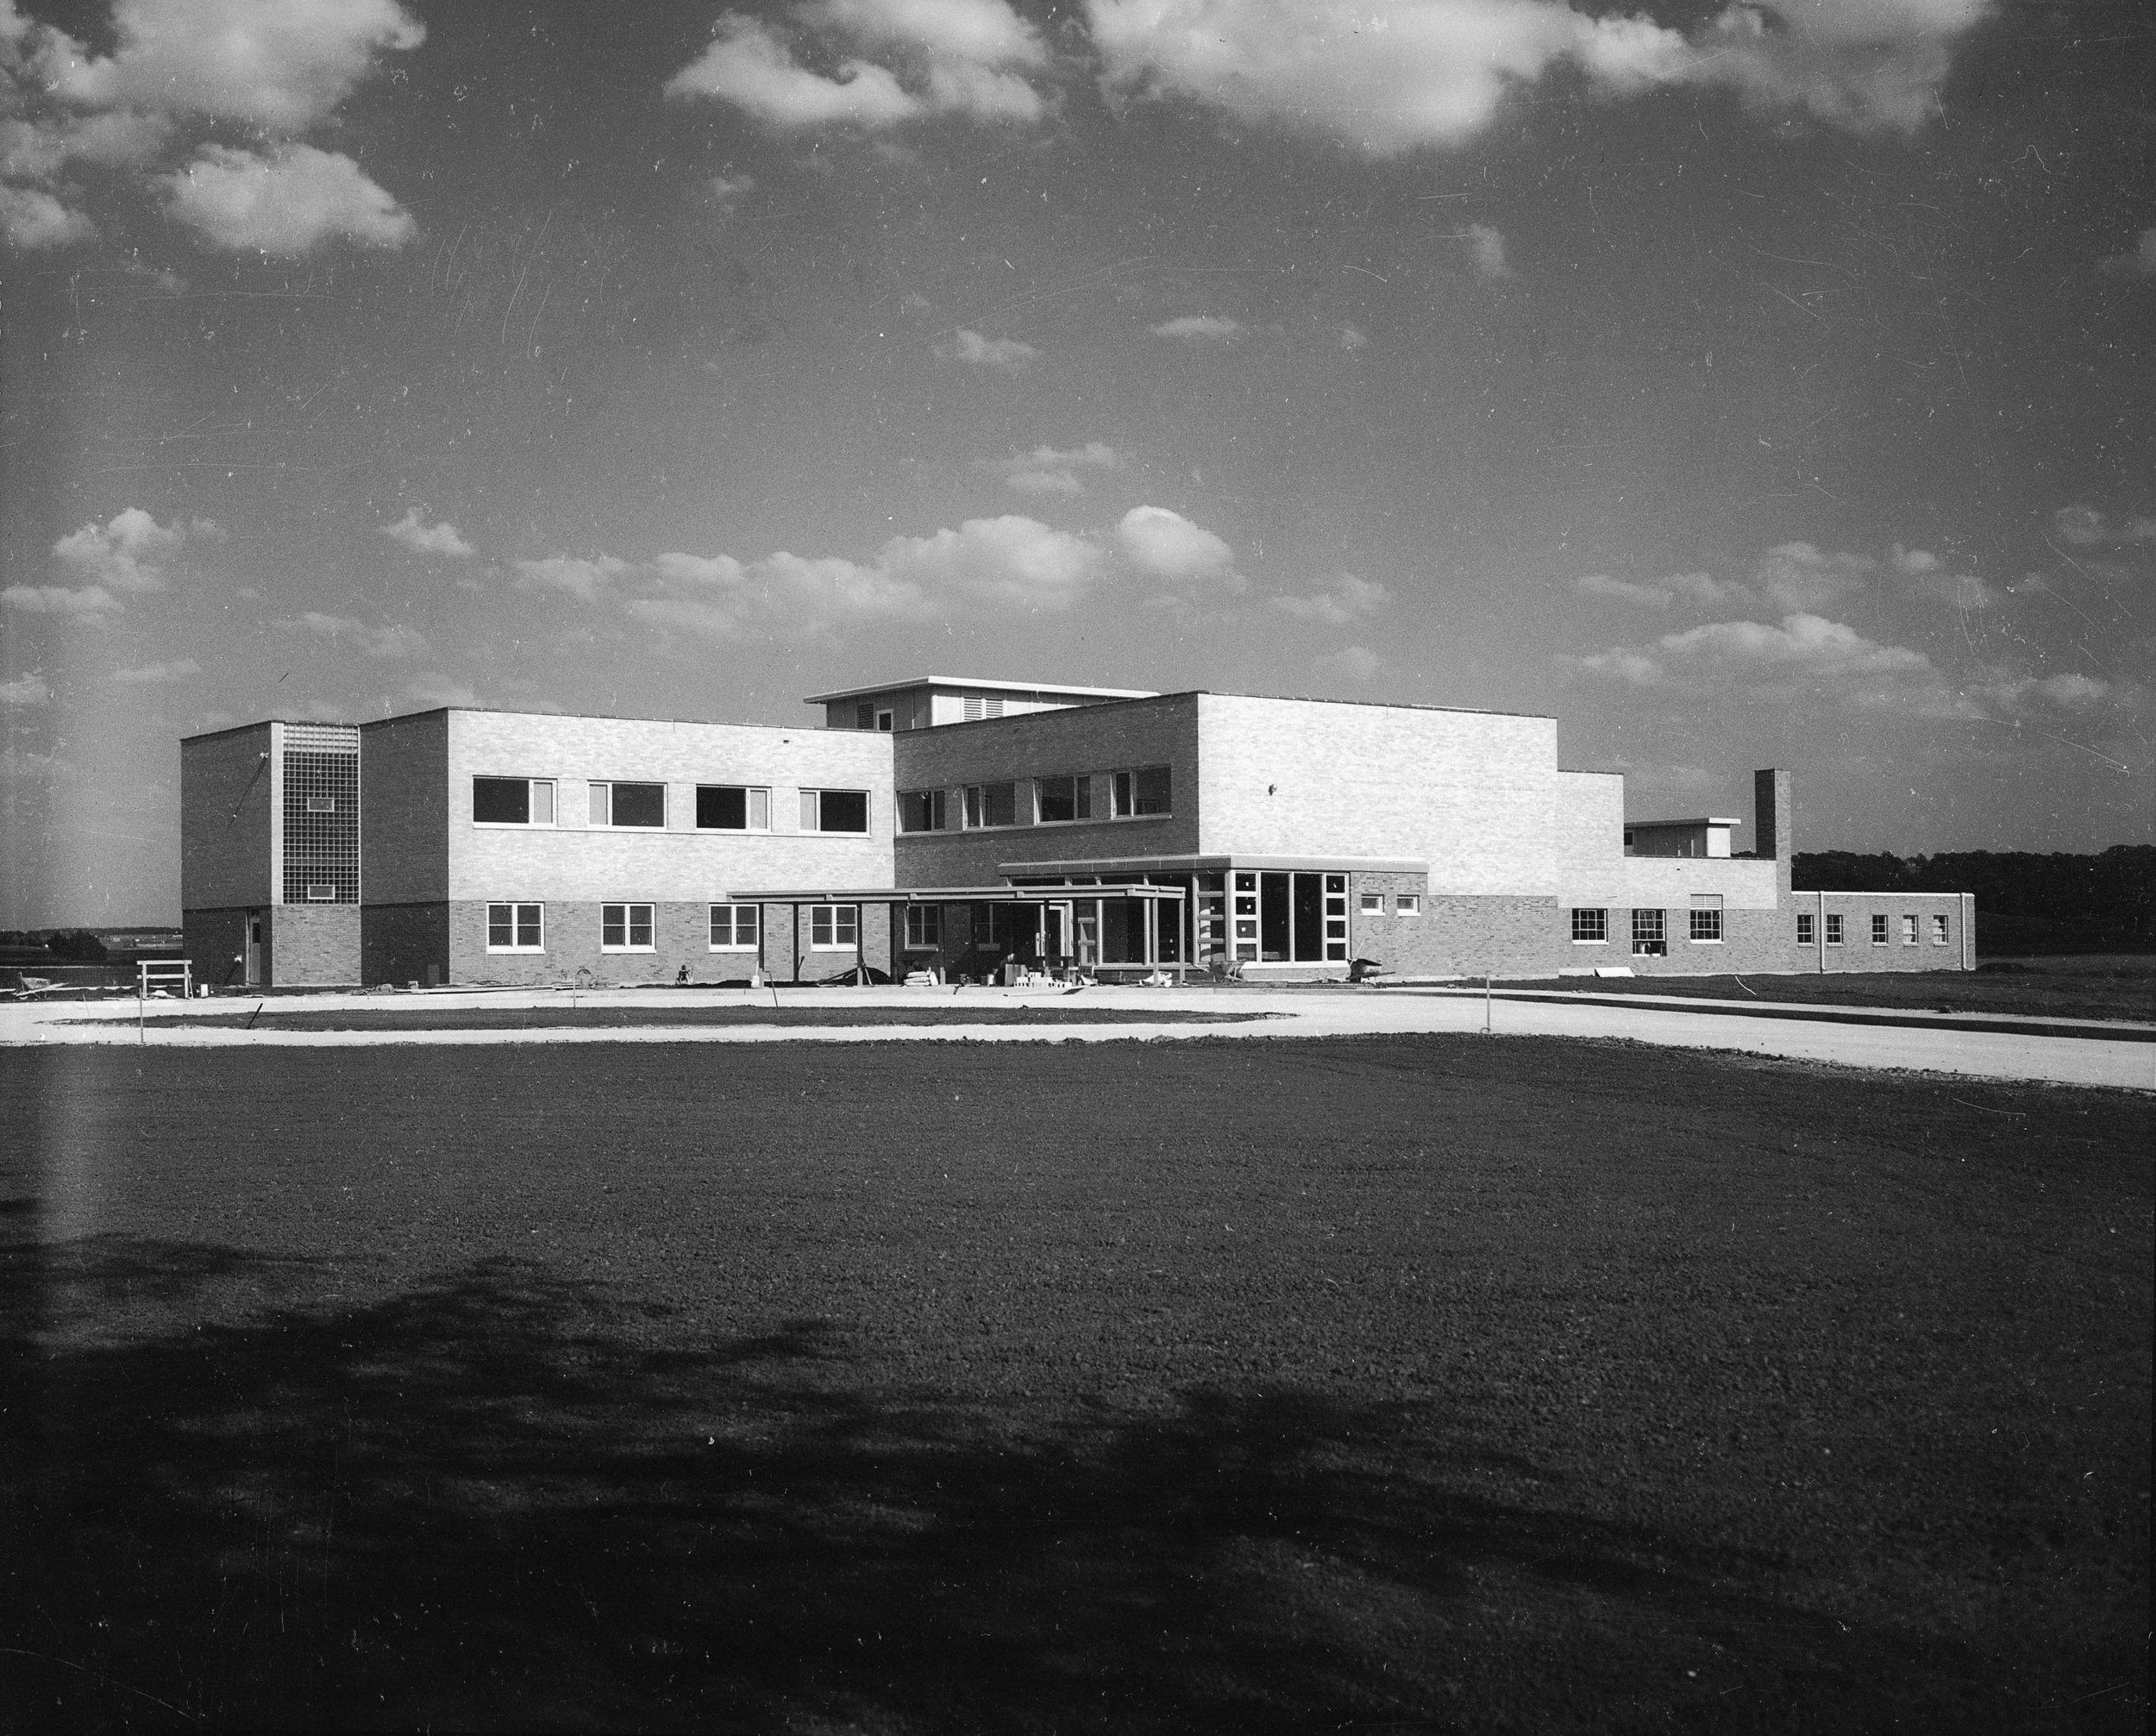 Hospital in 1954